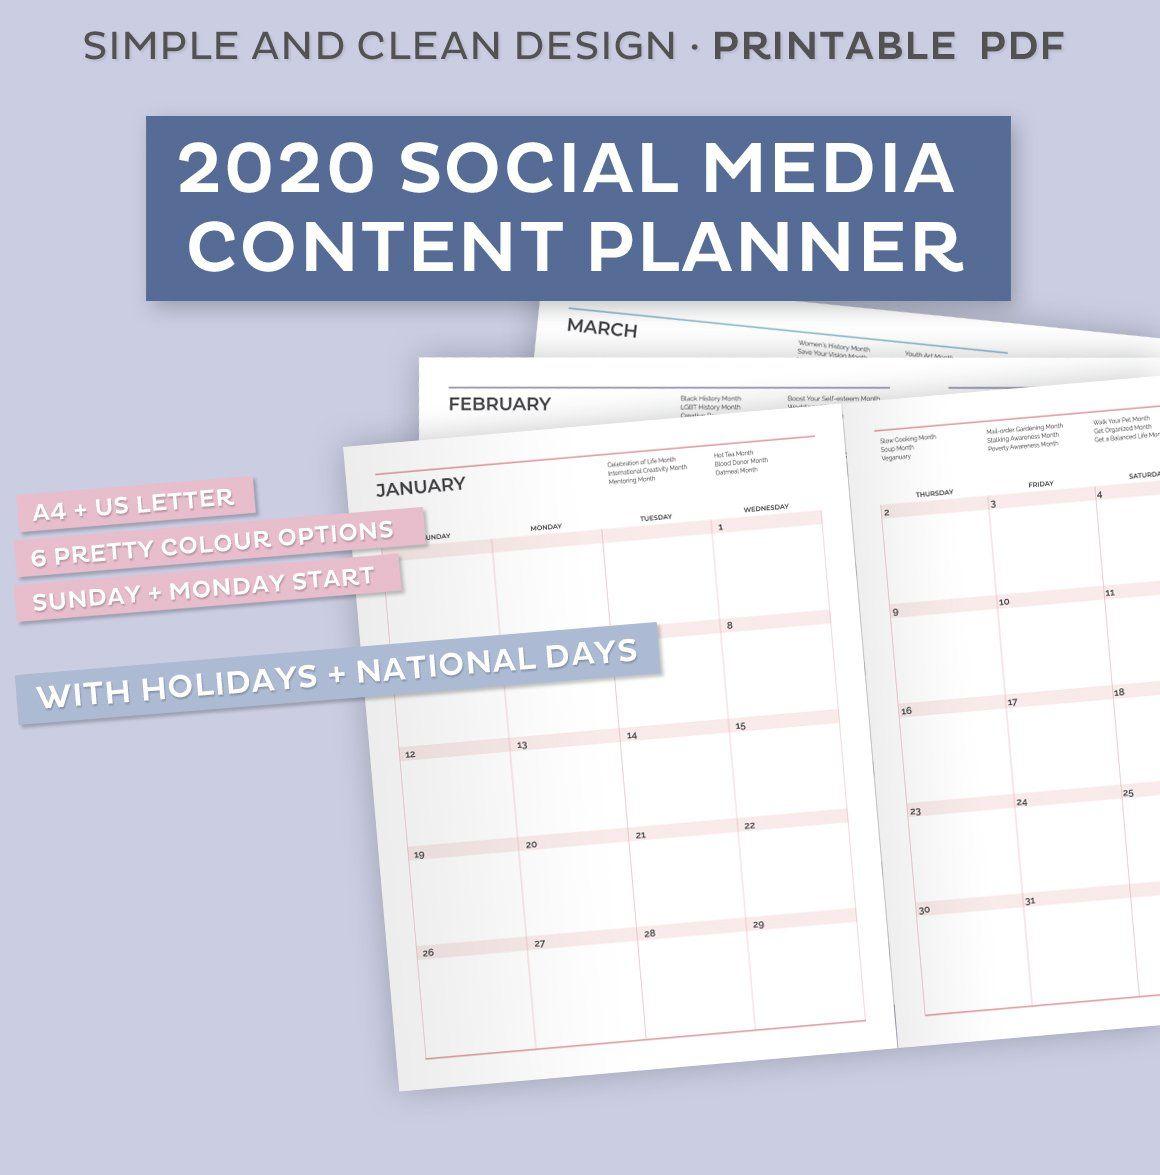 2020 Social Media Content Planner Social Media Content Planner Content Planner Social Media Content